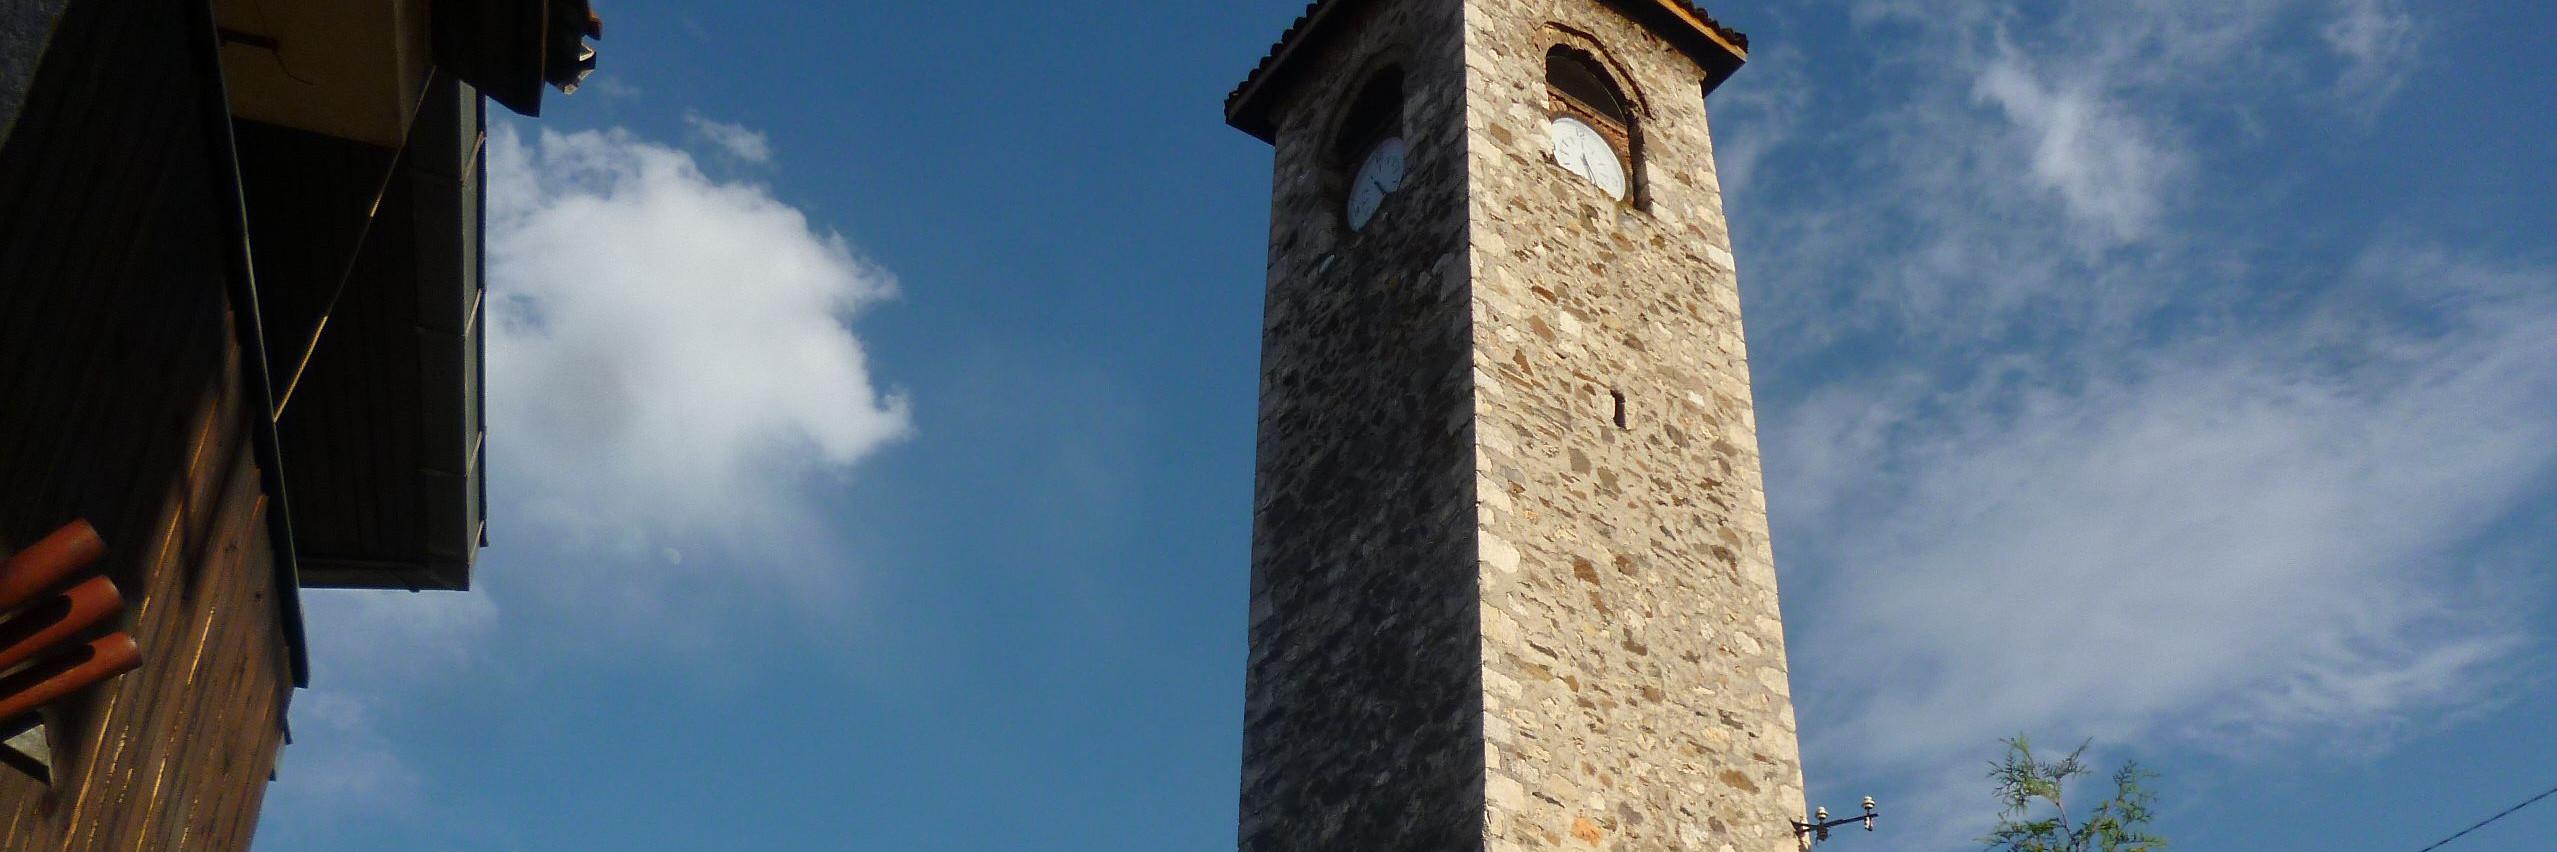 Часовая башня в Фоче